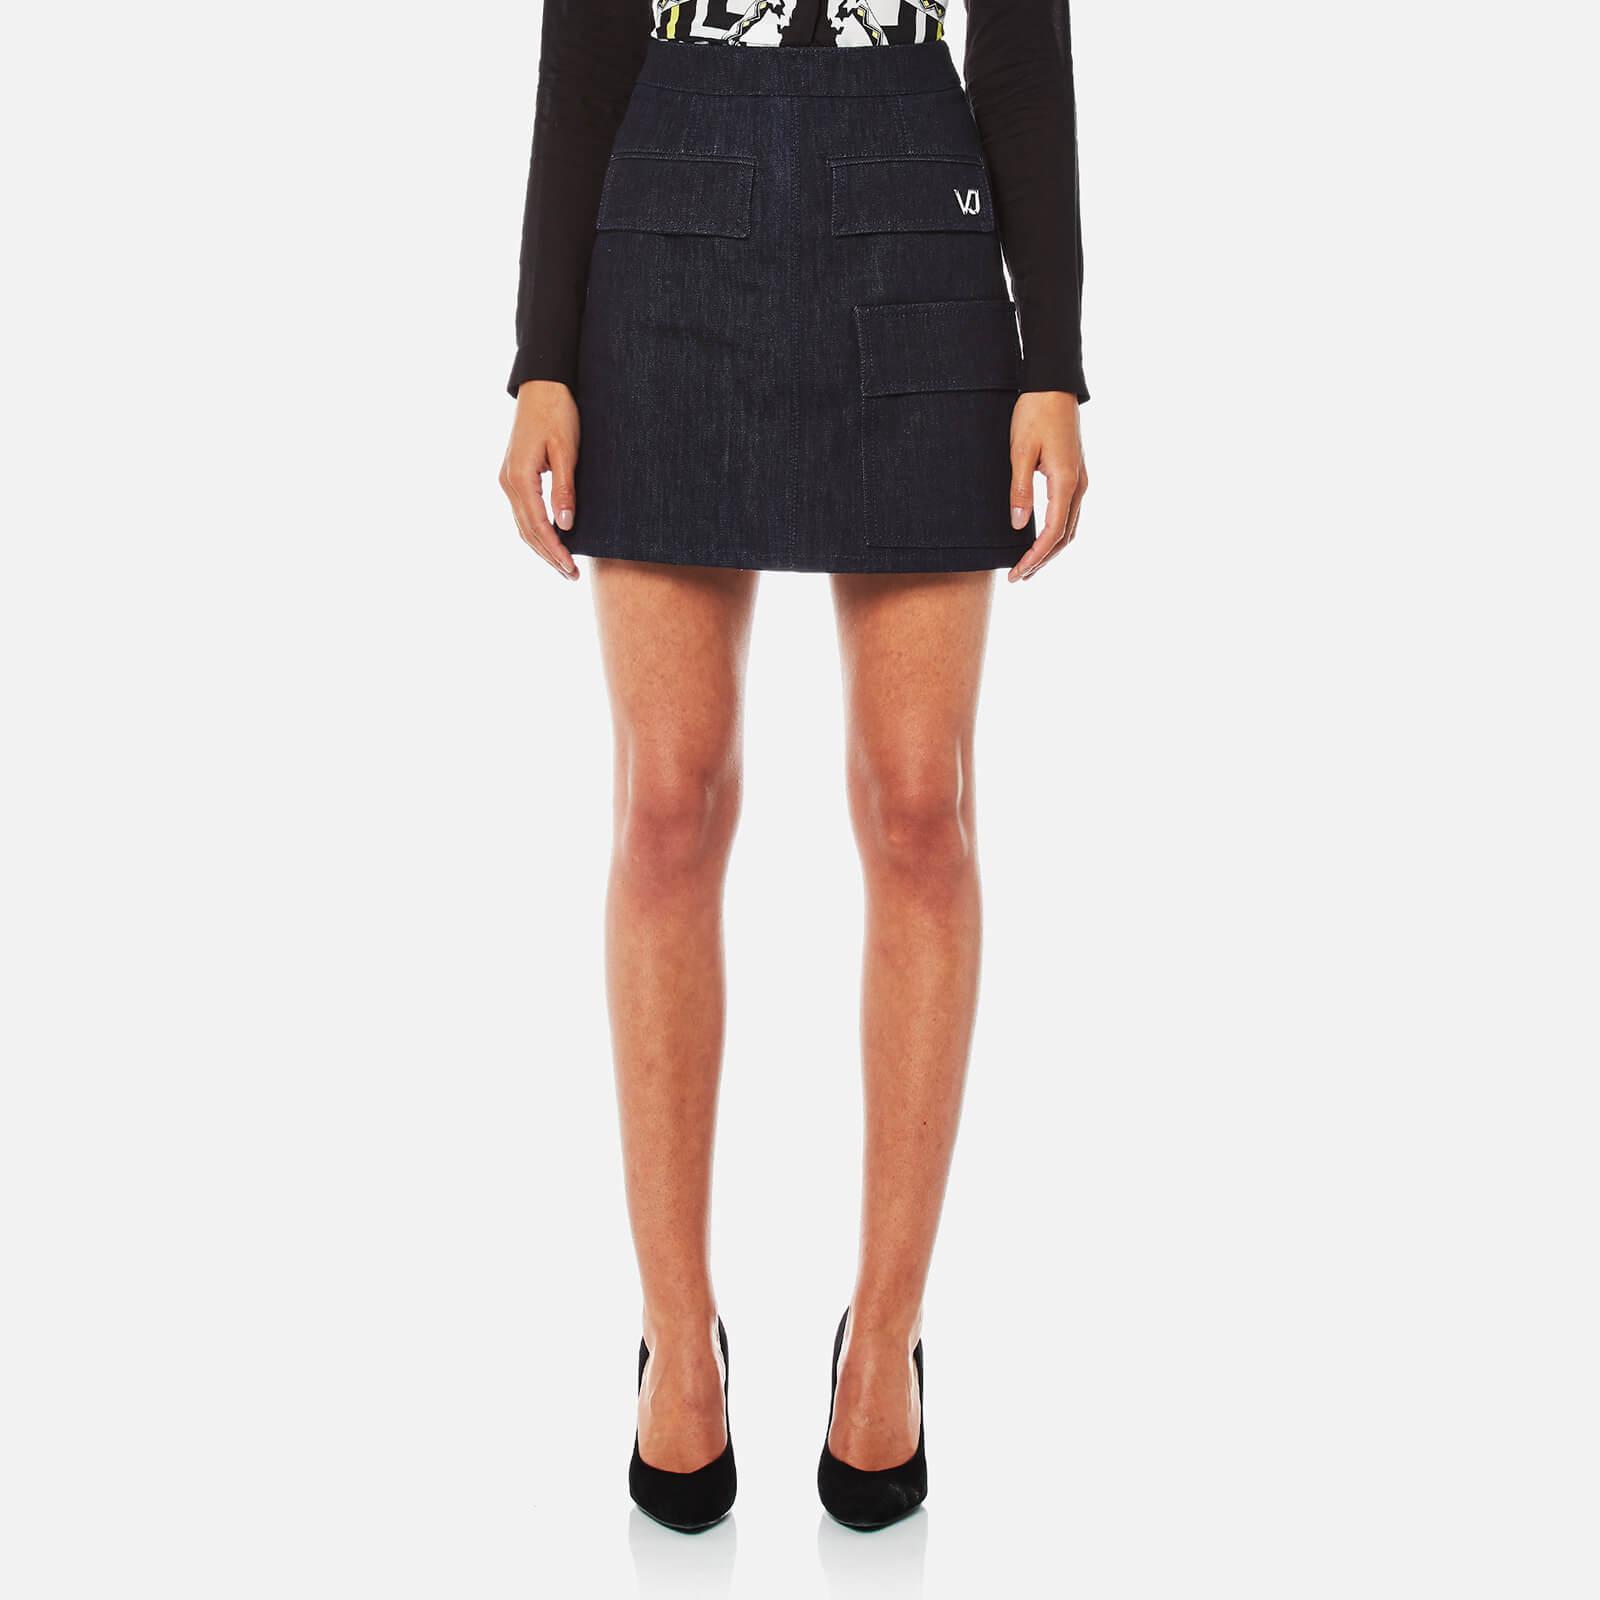 Versace Jeans Women's Skirt - Indigo - M - Blue